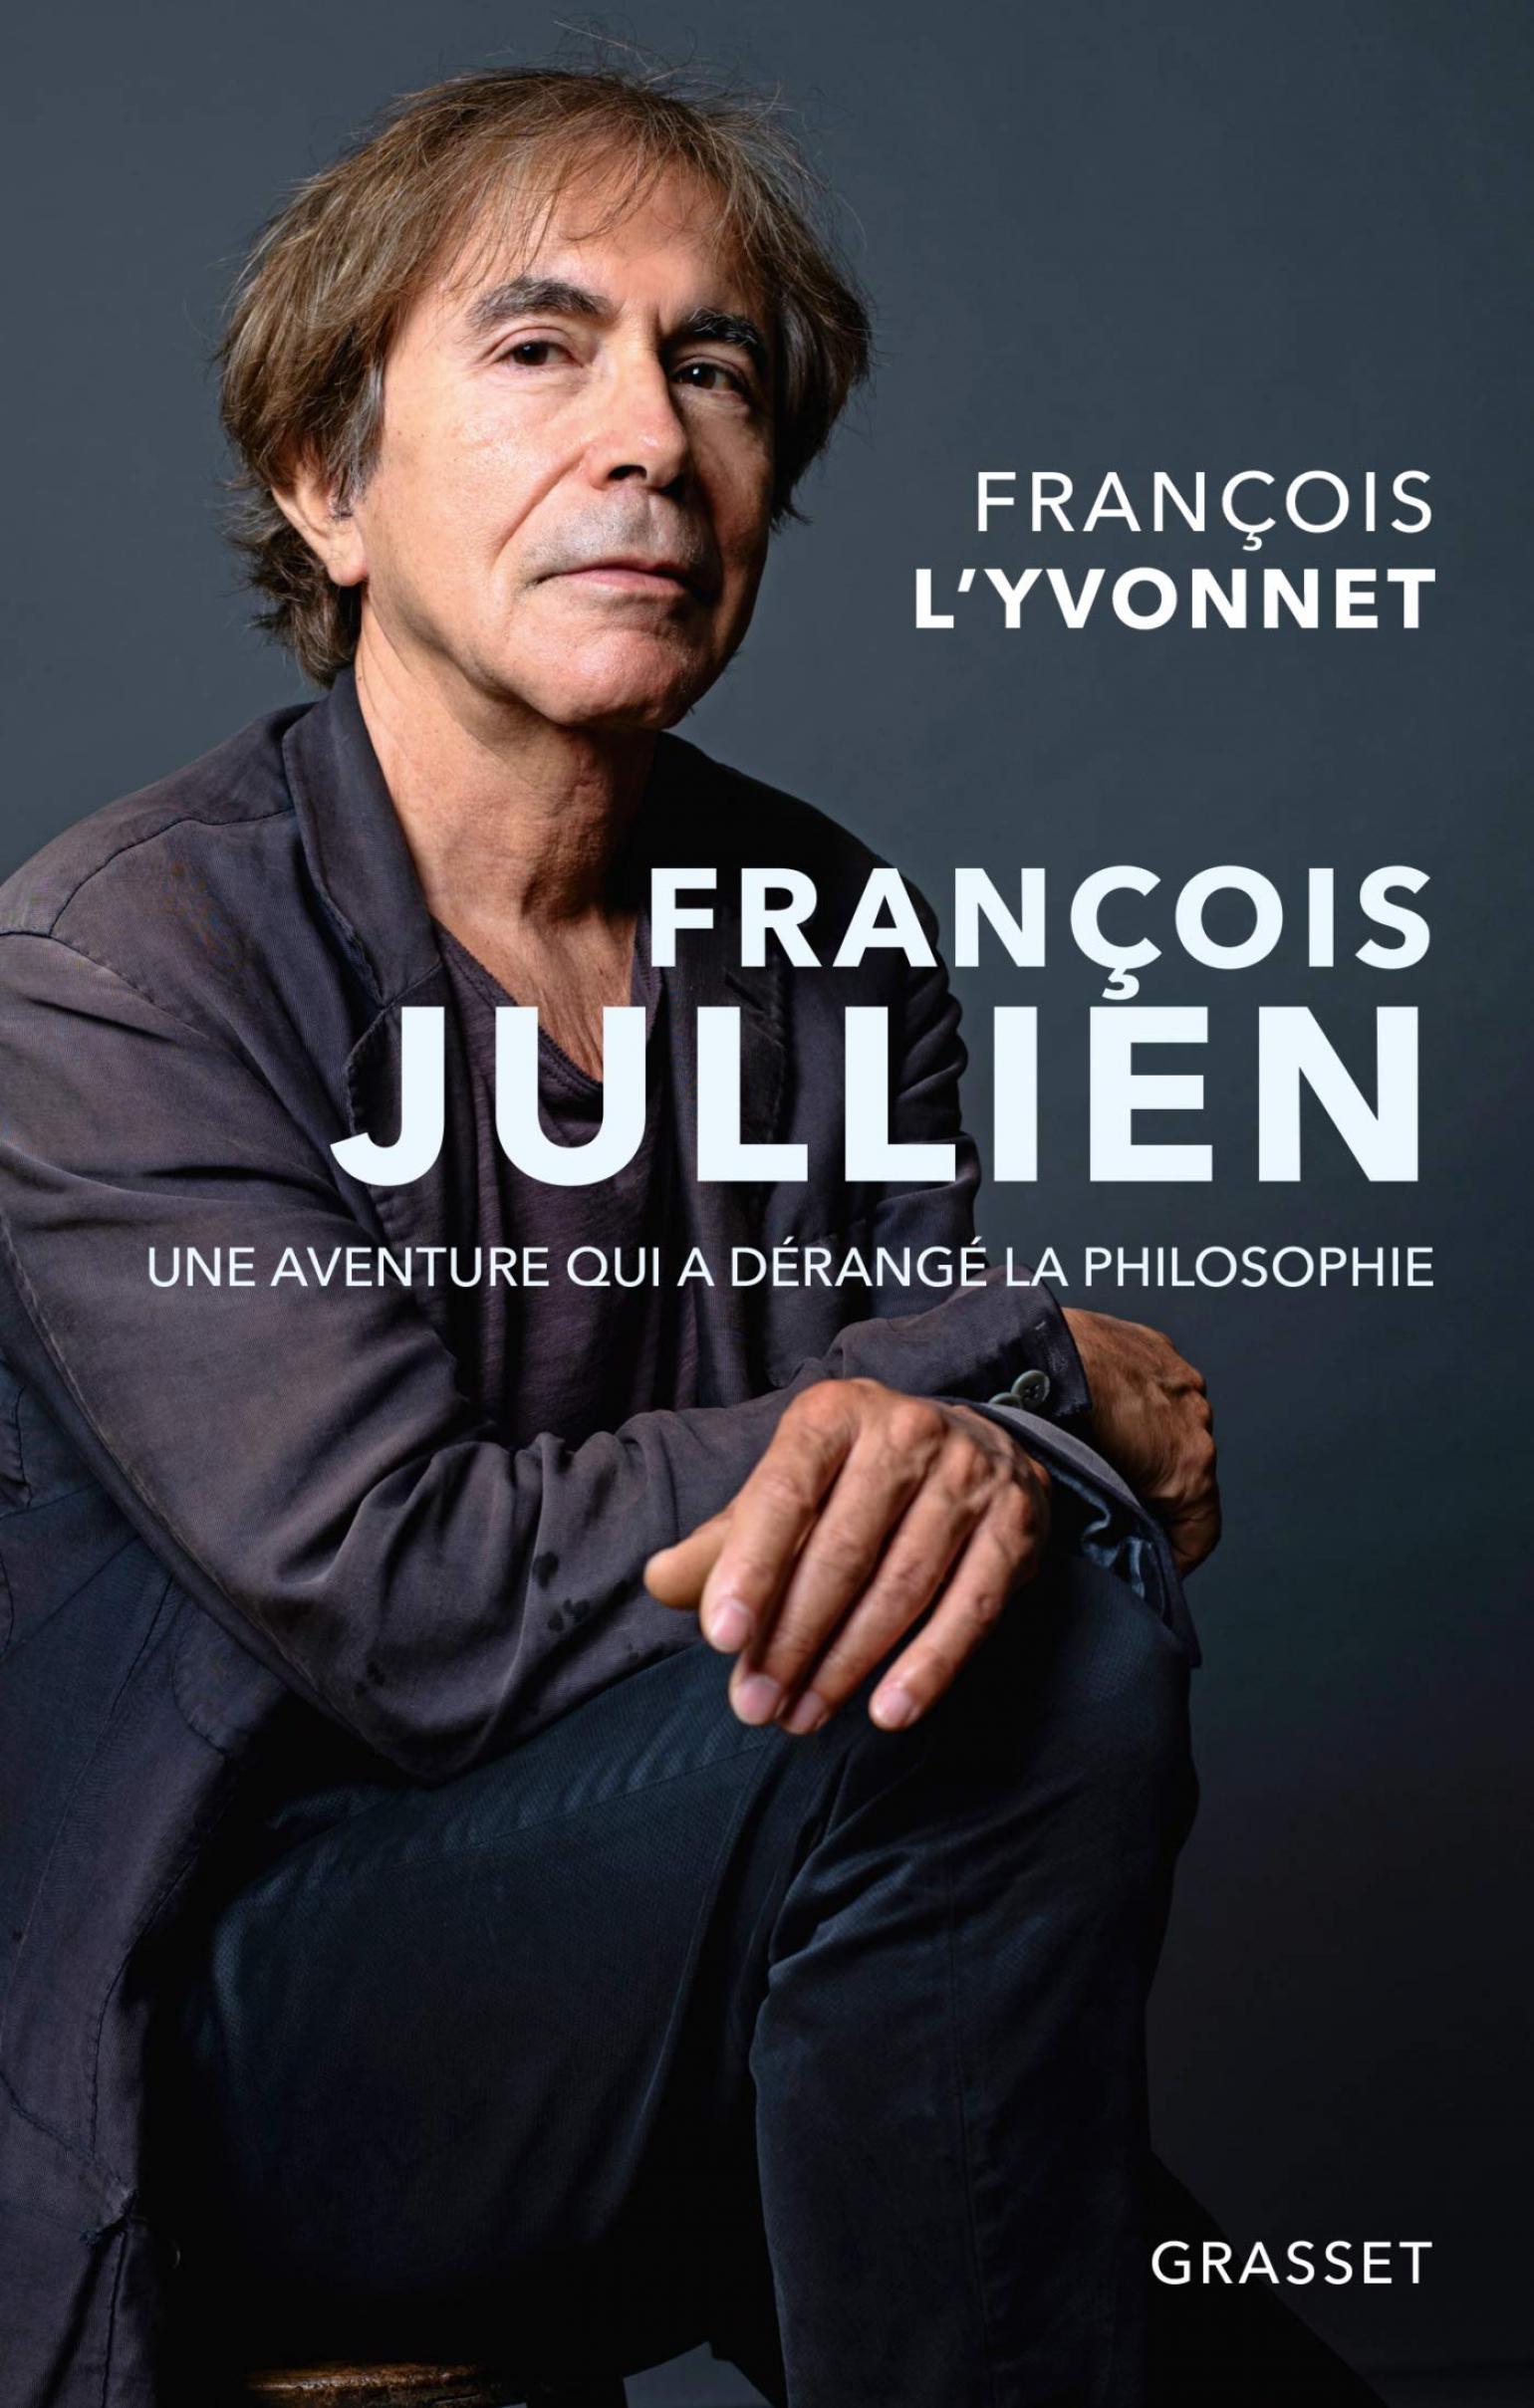 François Jullien de François L'Yvonnet et De la vraie vie de François Jullien   Revue Esprit